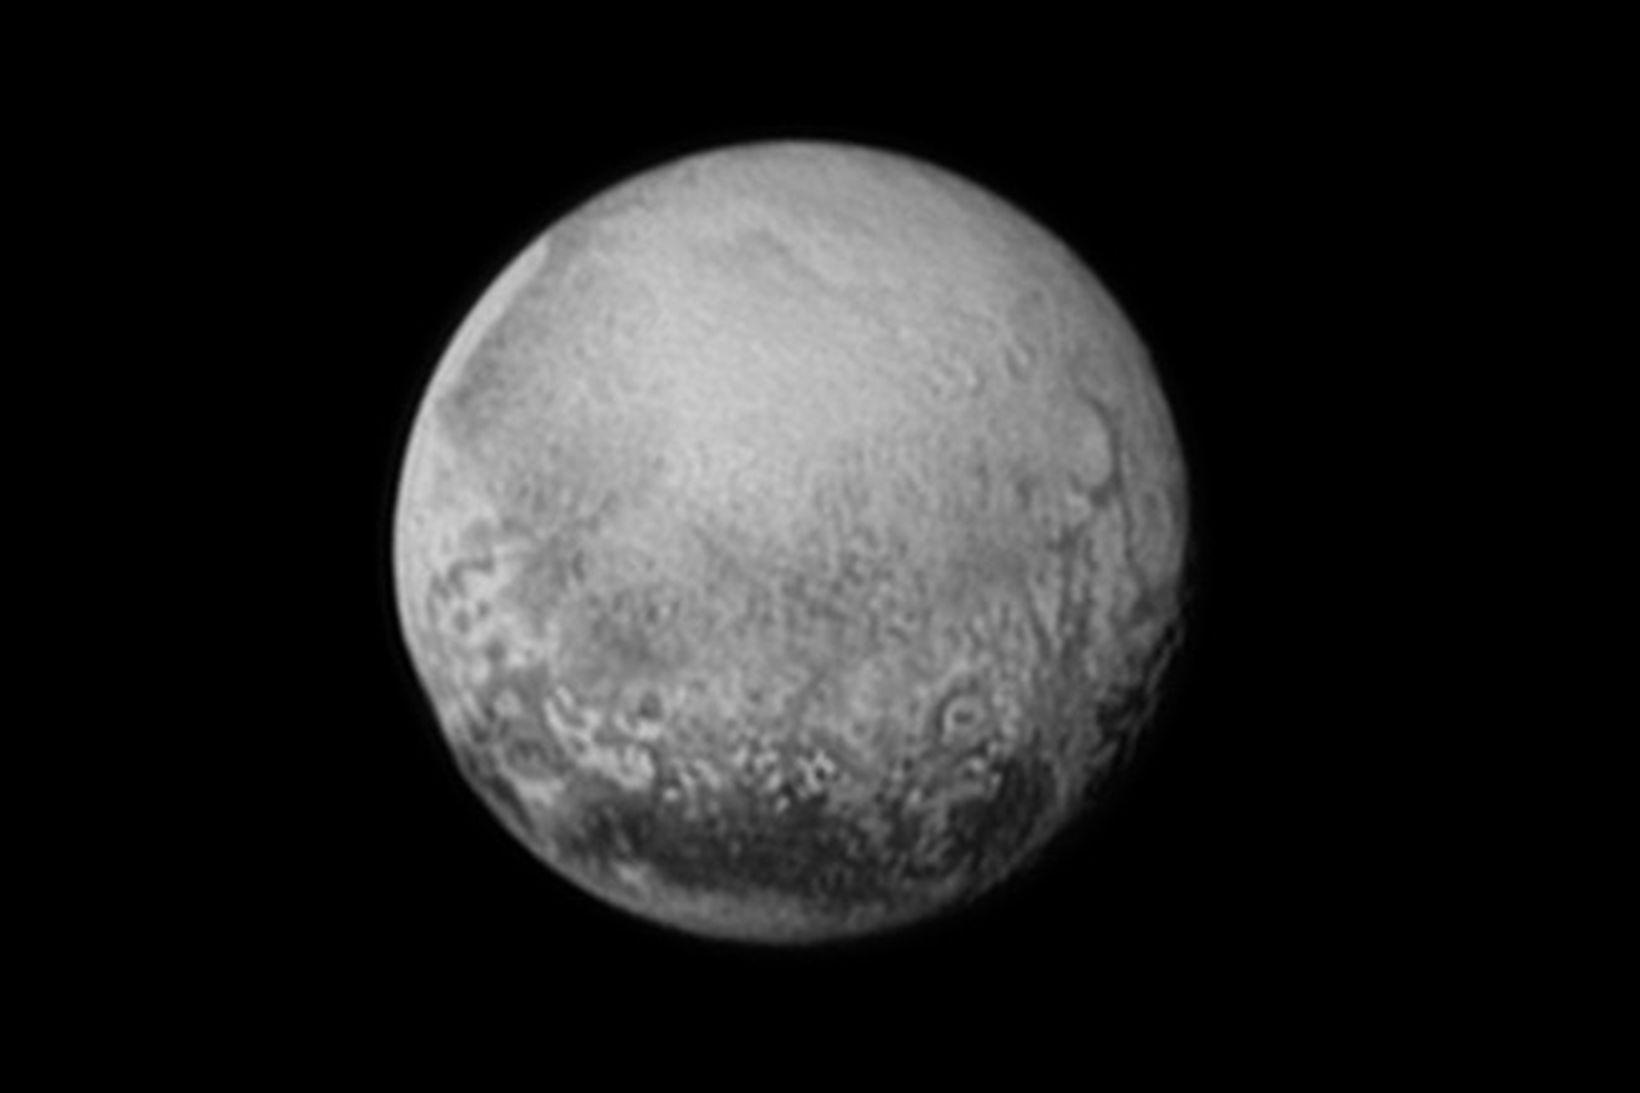 Mynd sem New Horizons tók af Plútó laugardaginn 11. júlí.